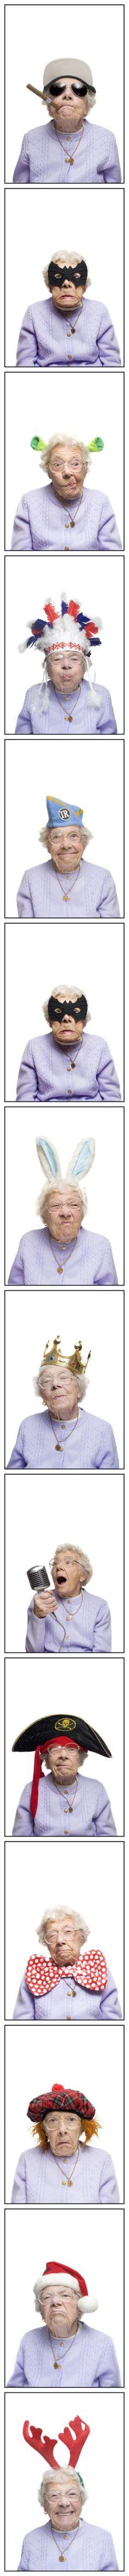 SMILEY TÉLÉCHARGER JINGU